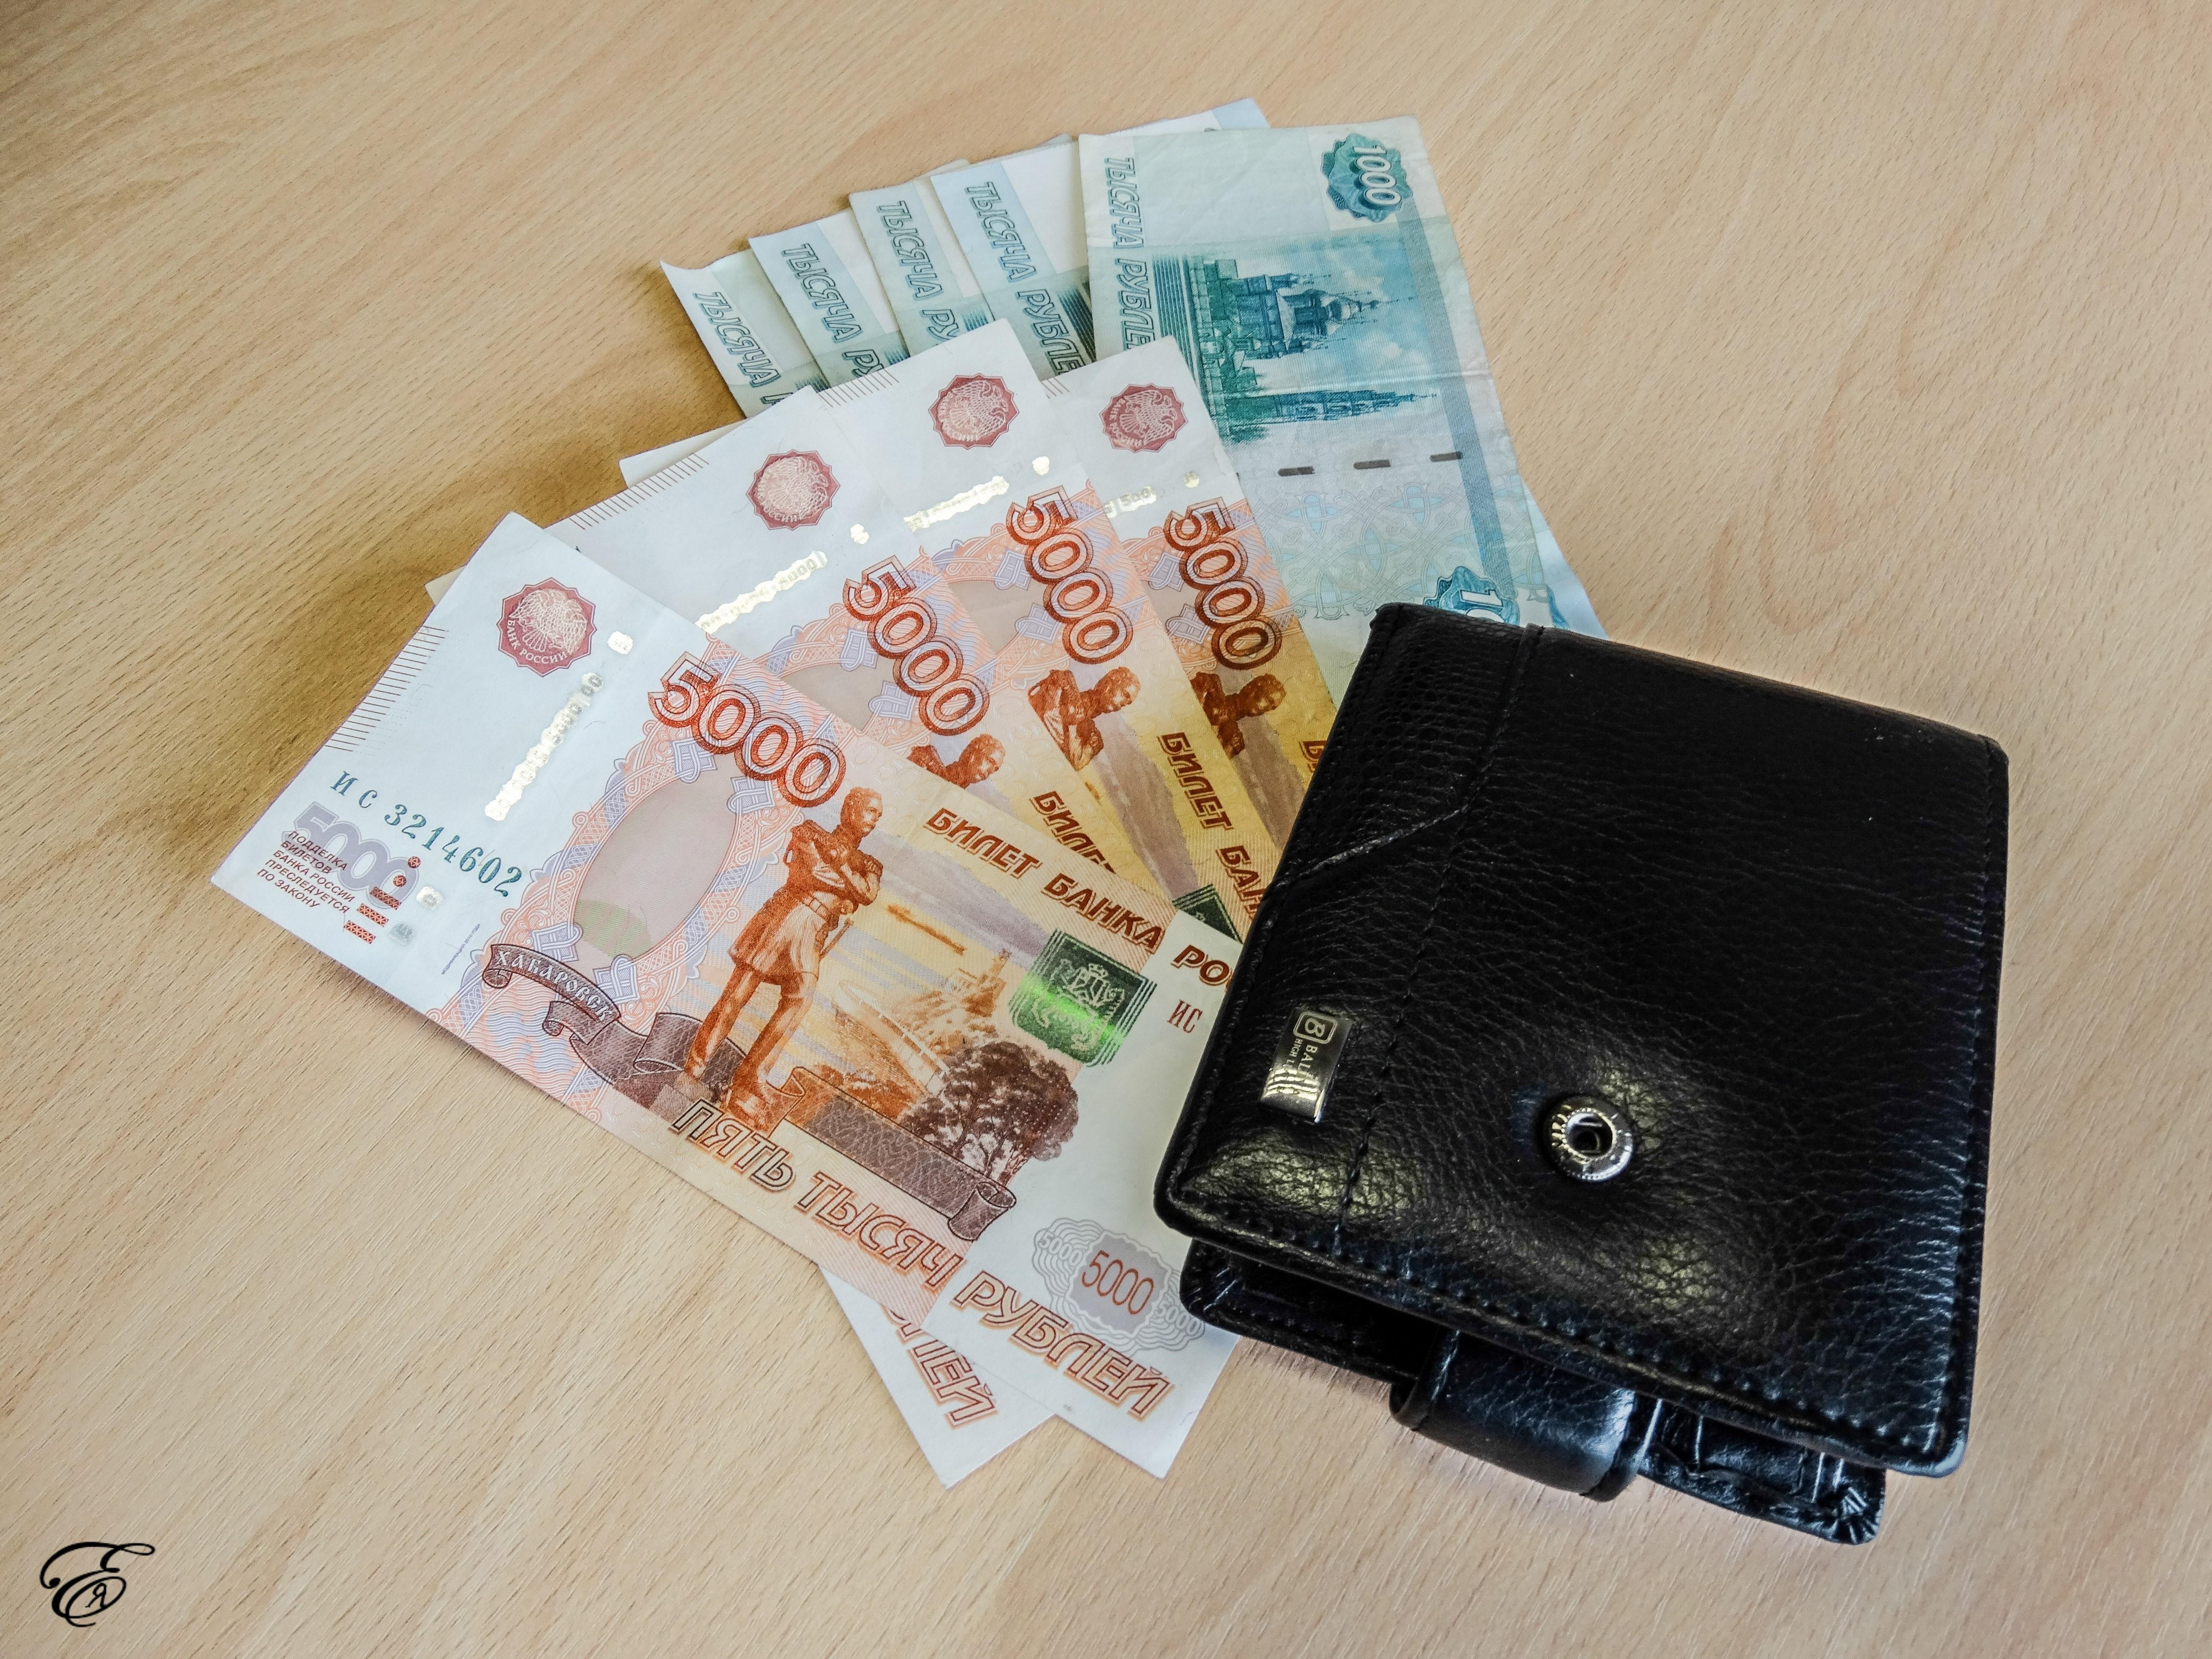 236 млрд руб. - натакую сумму жители России взяли кредитов заодин месяц